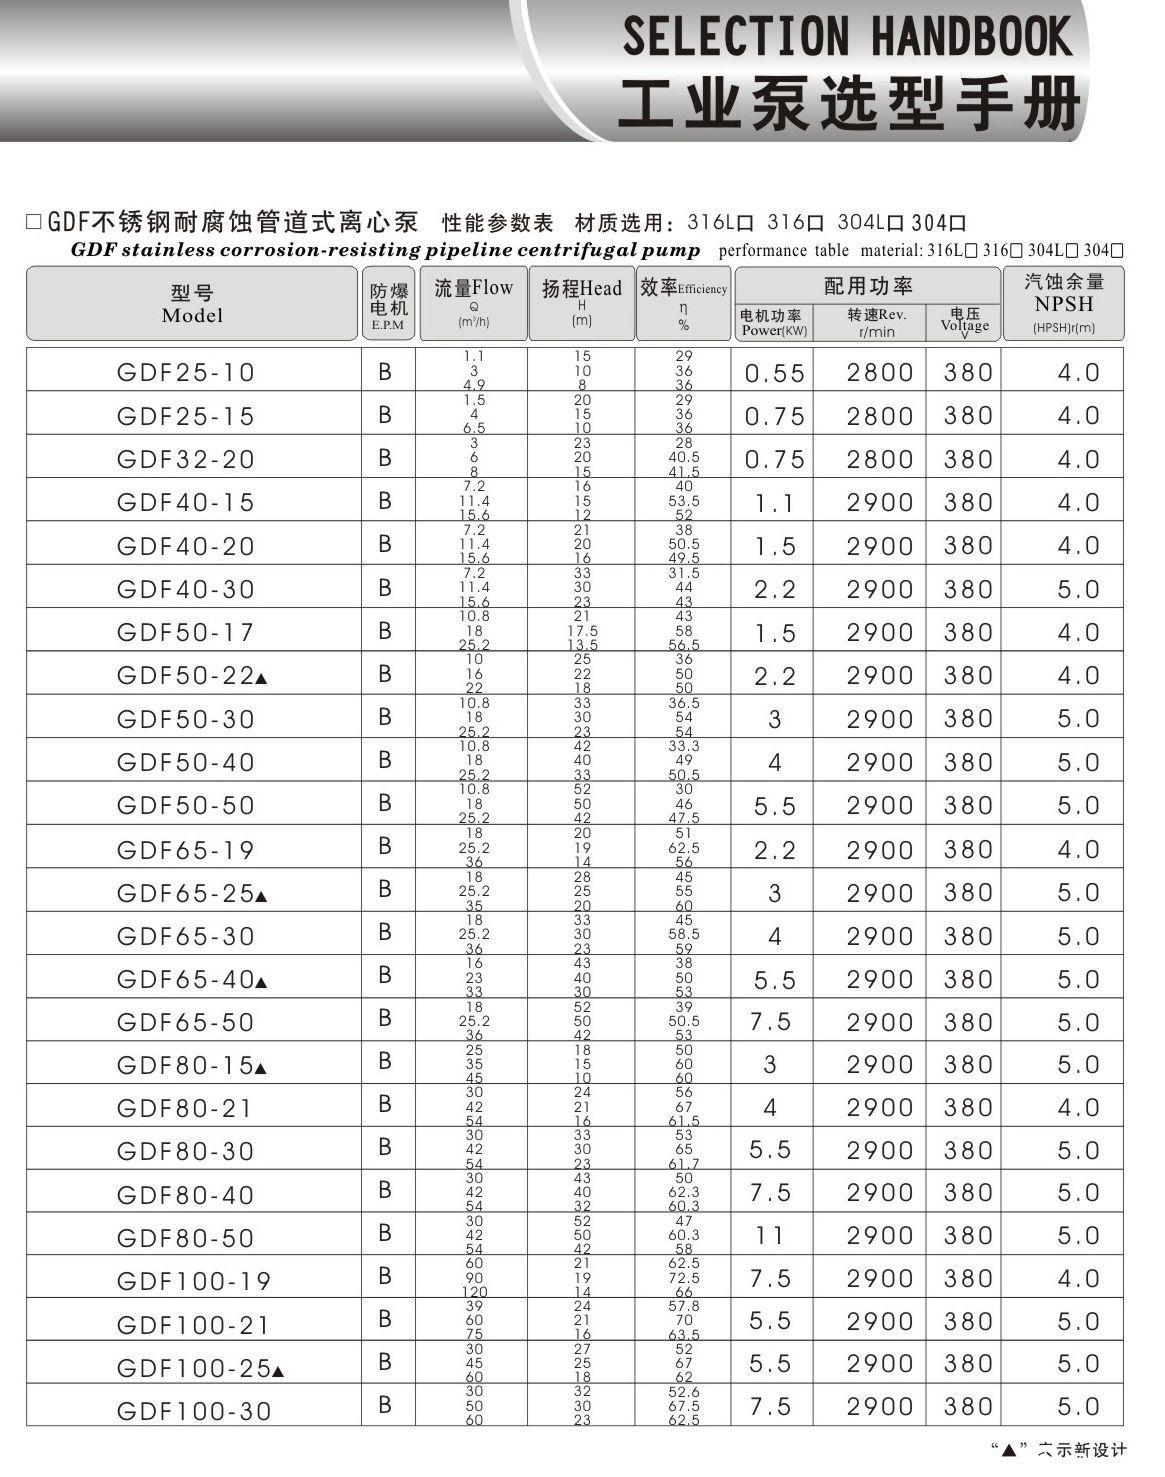 羊城水泵 GDF选型表.jpg